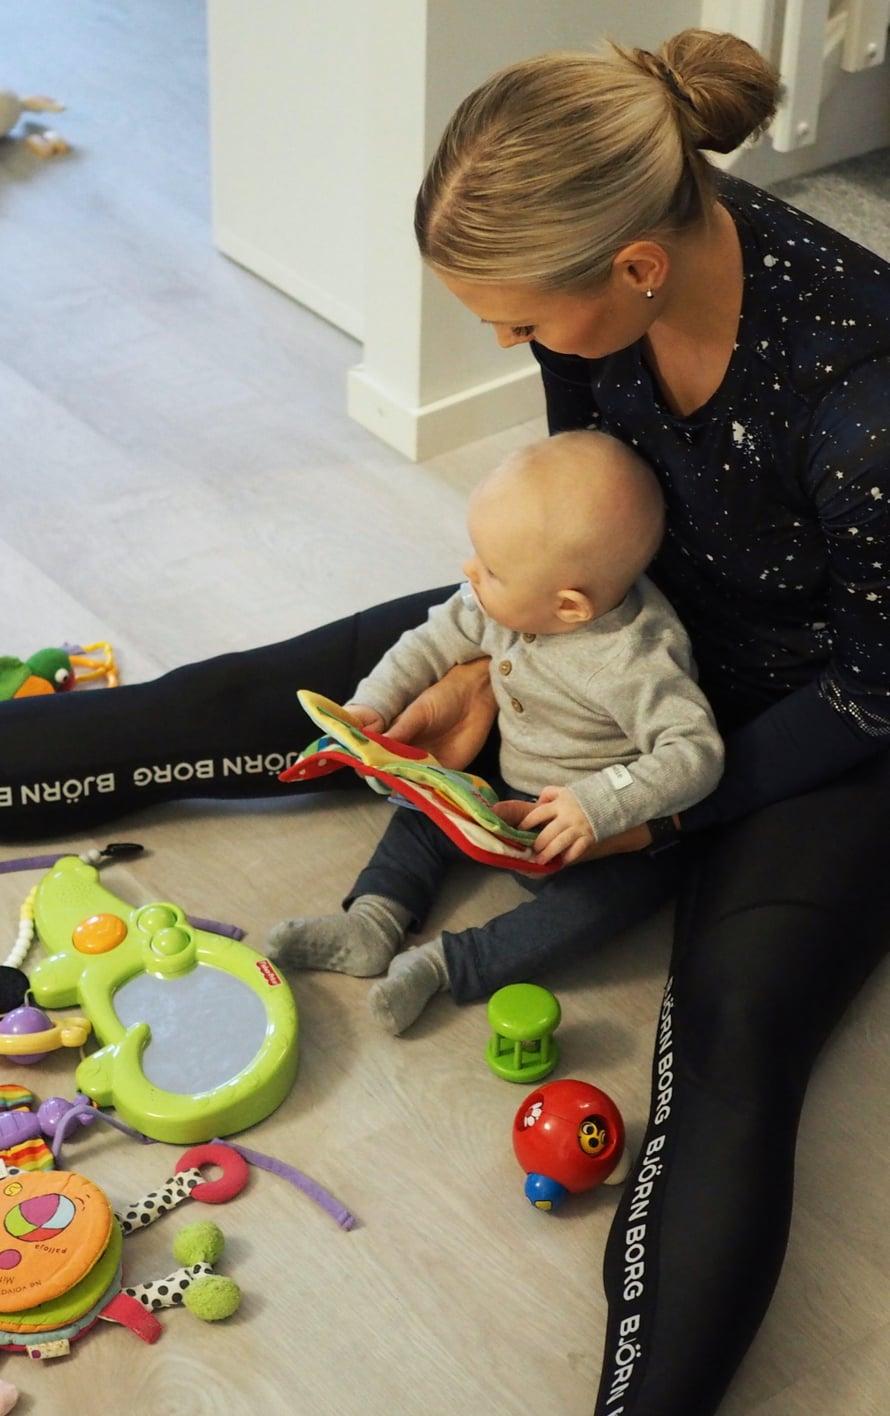 Minä ostan lastentarvikkeet mieluiten netistä. Kuva: Elisa Honkasalo